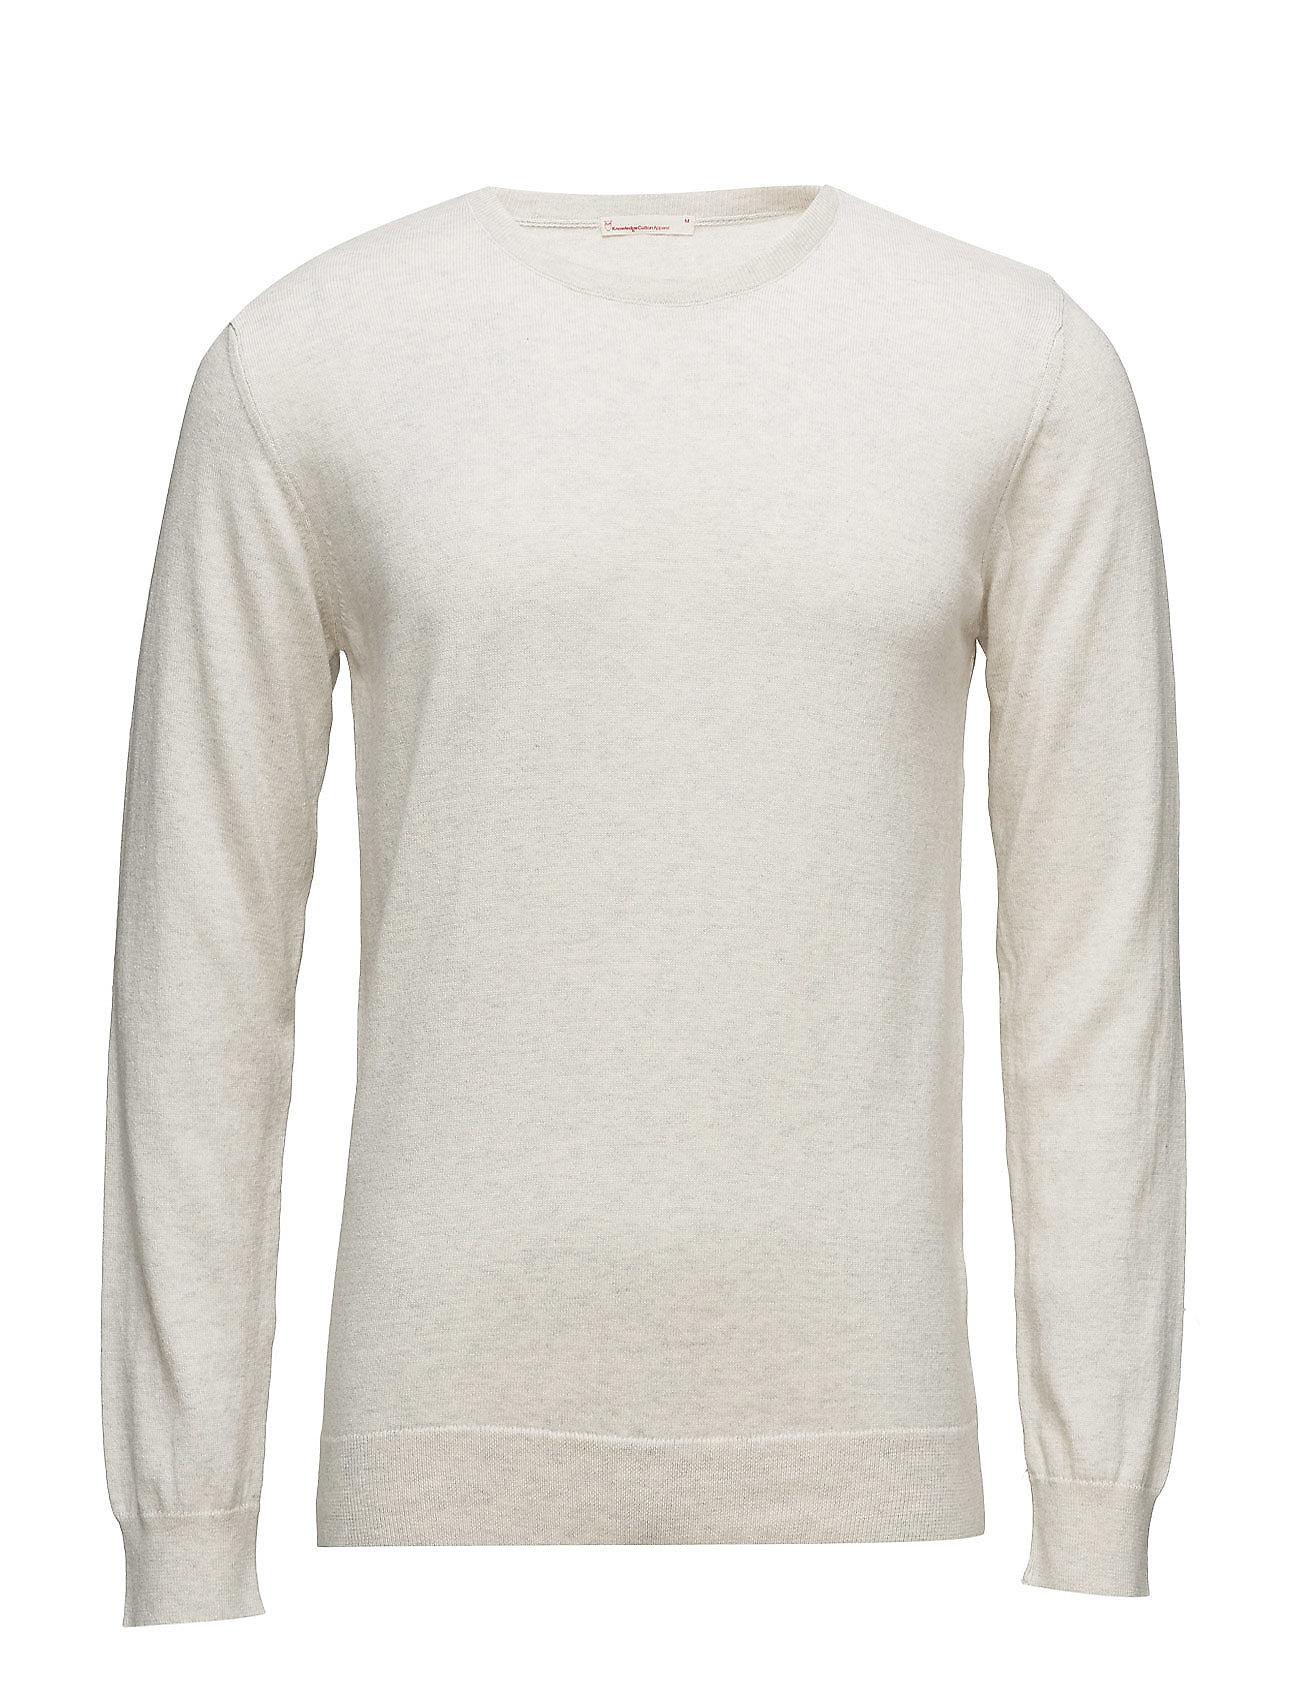 Billede af Basic O-Neck Cotton/Cashmere - Gots